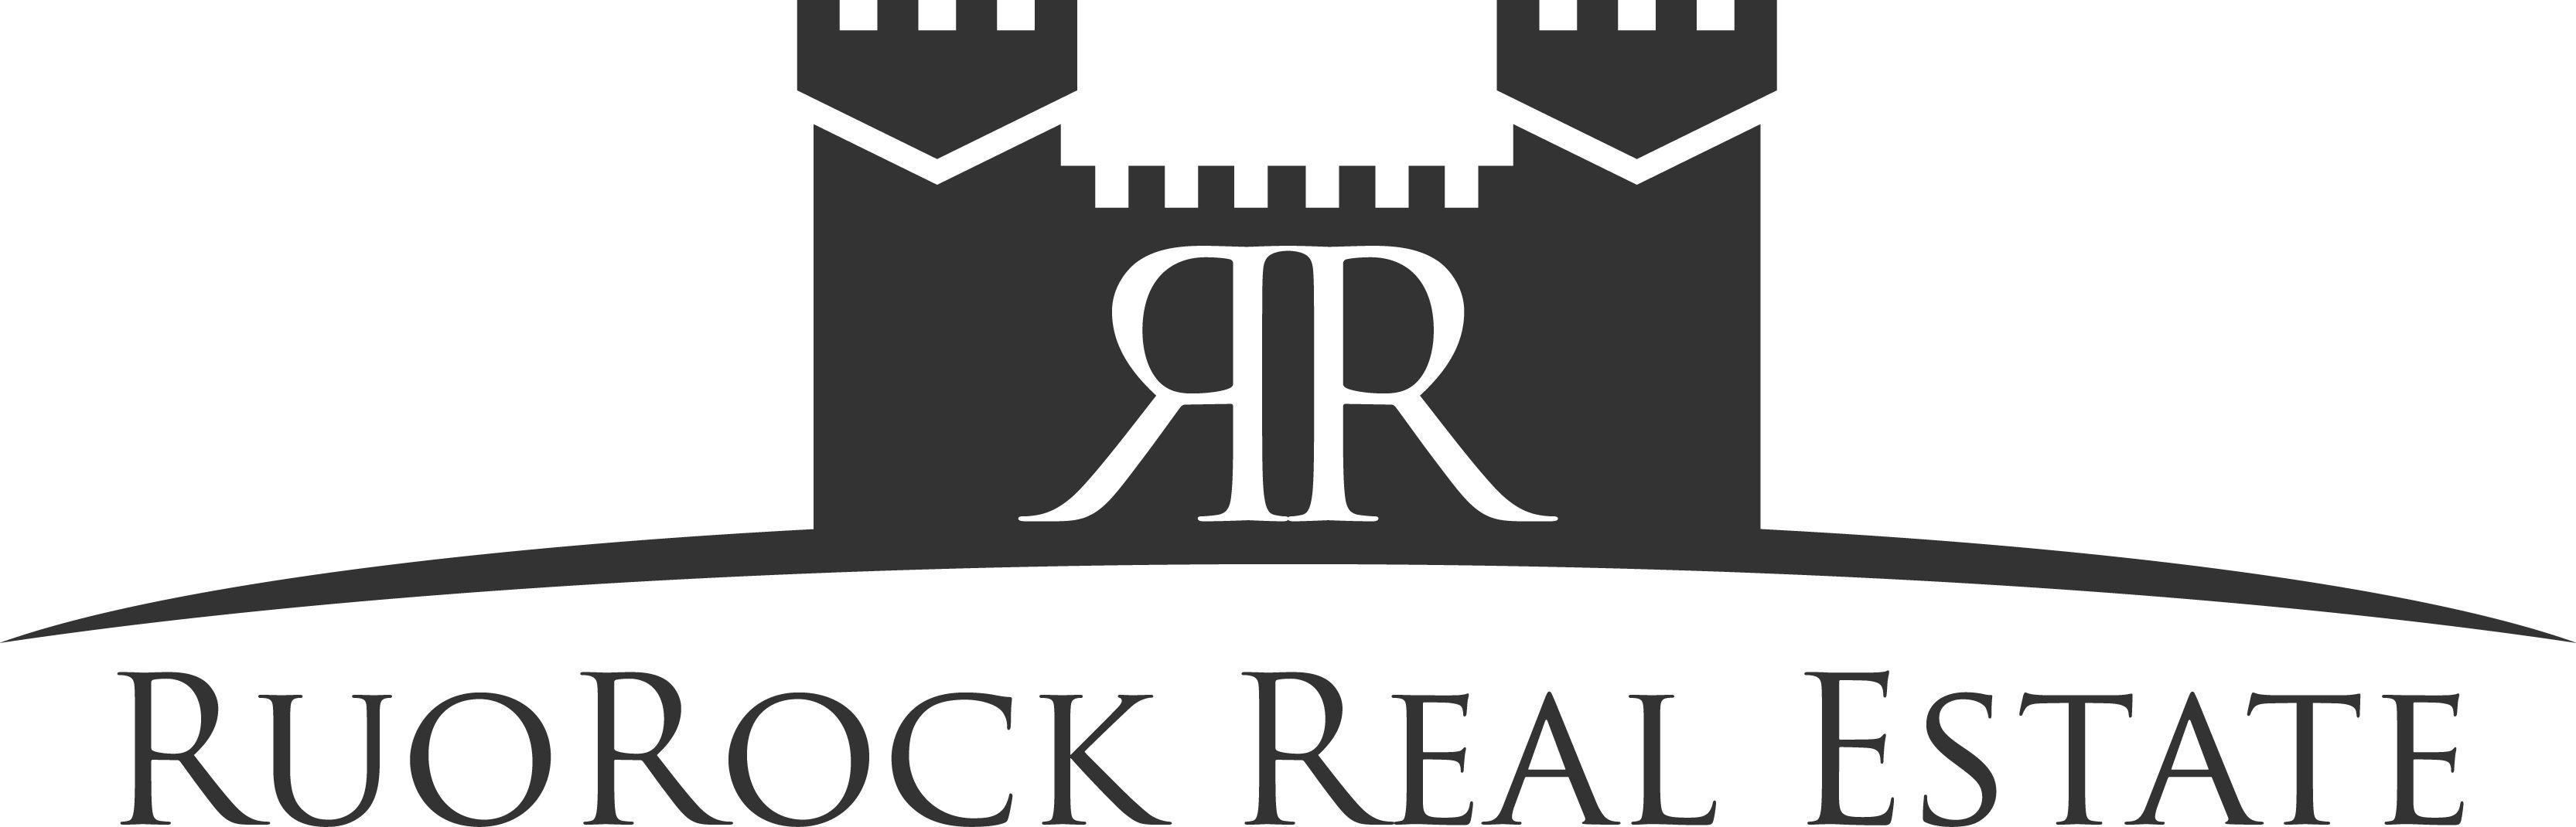 RuoRockRealEstate.com.